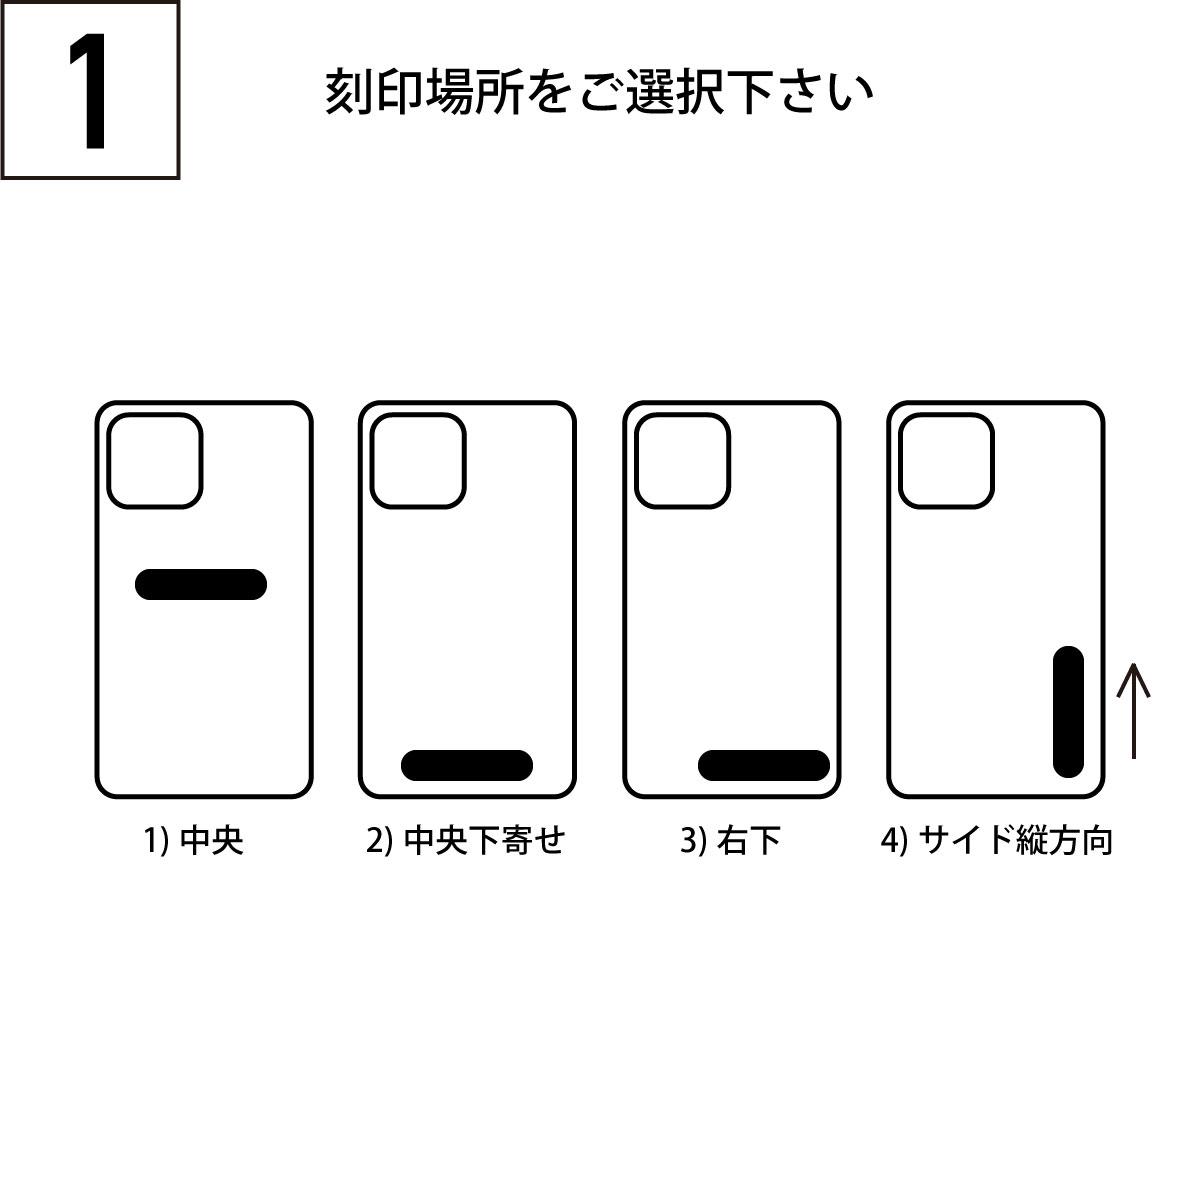 iPhoneOpenCase:    Option1:名入れ刻印追加